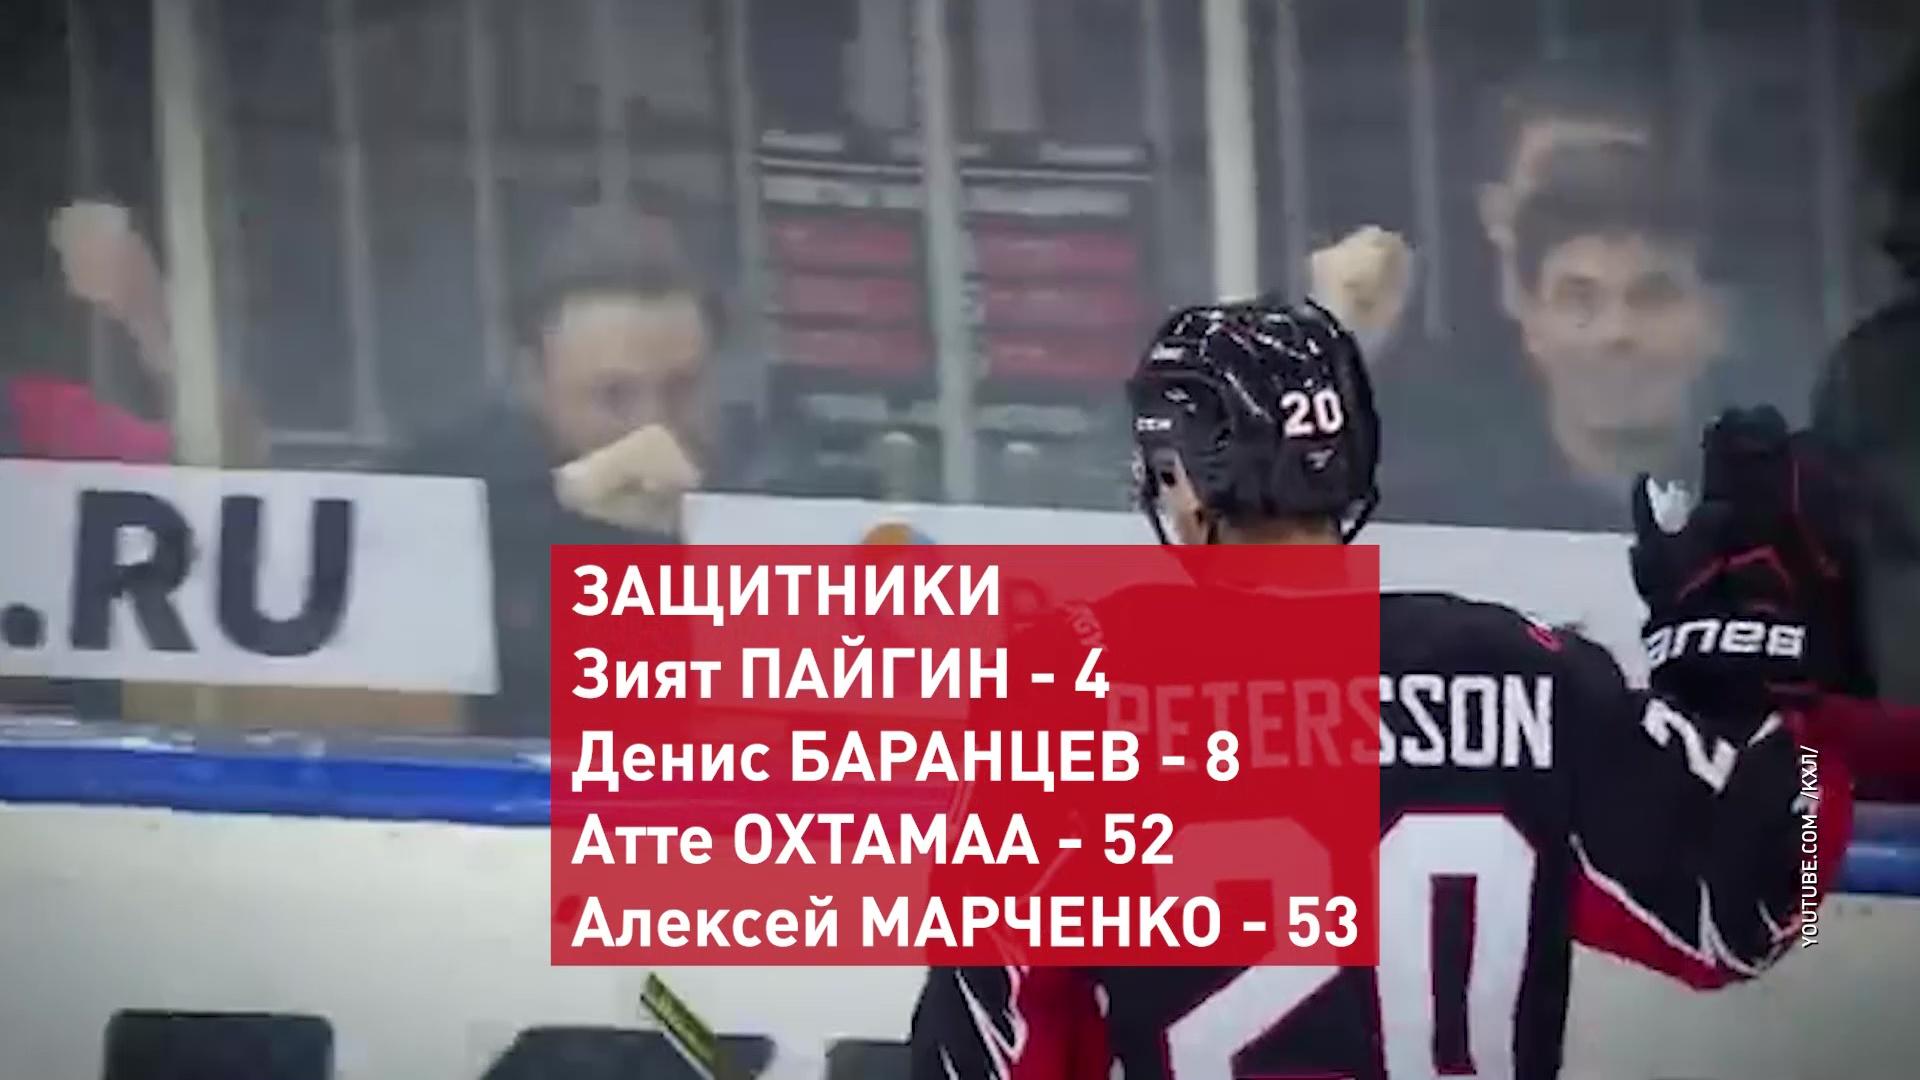 Запоминаем новые числа: новички «Локомотива» выбрали игровые номера на сезон